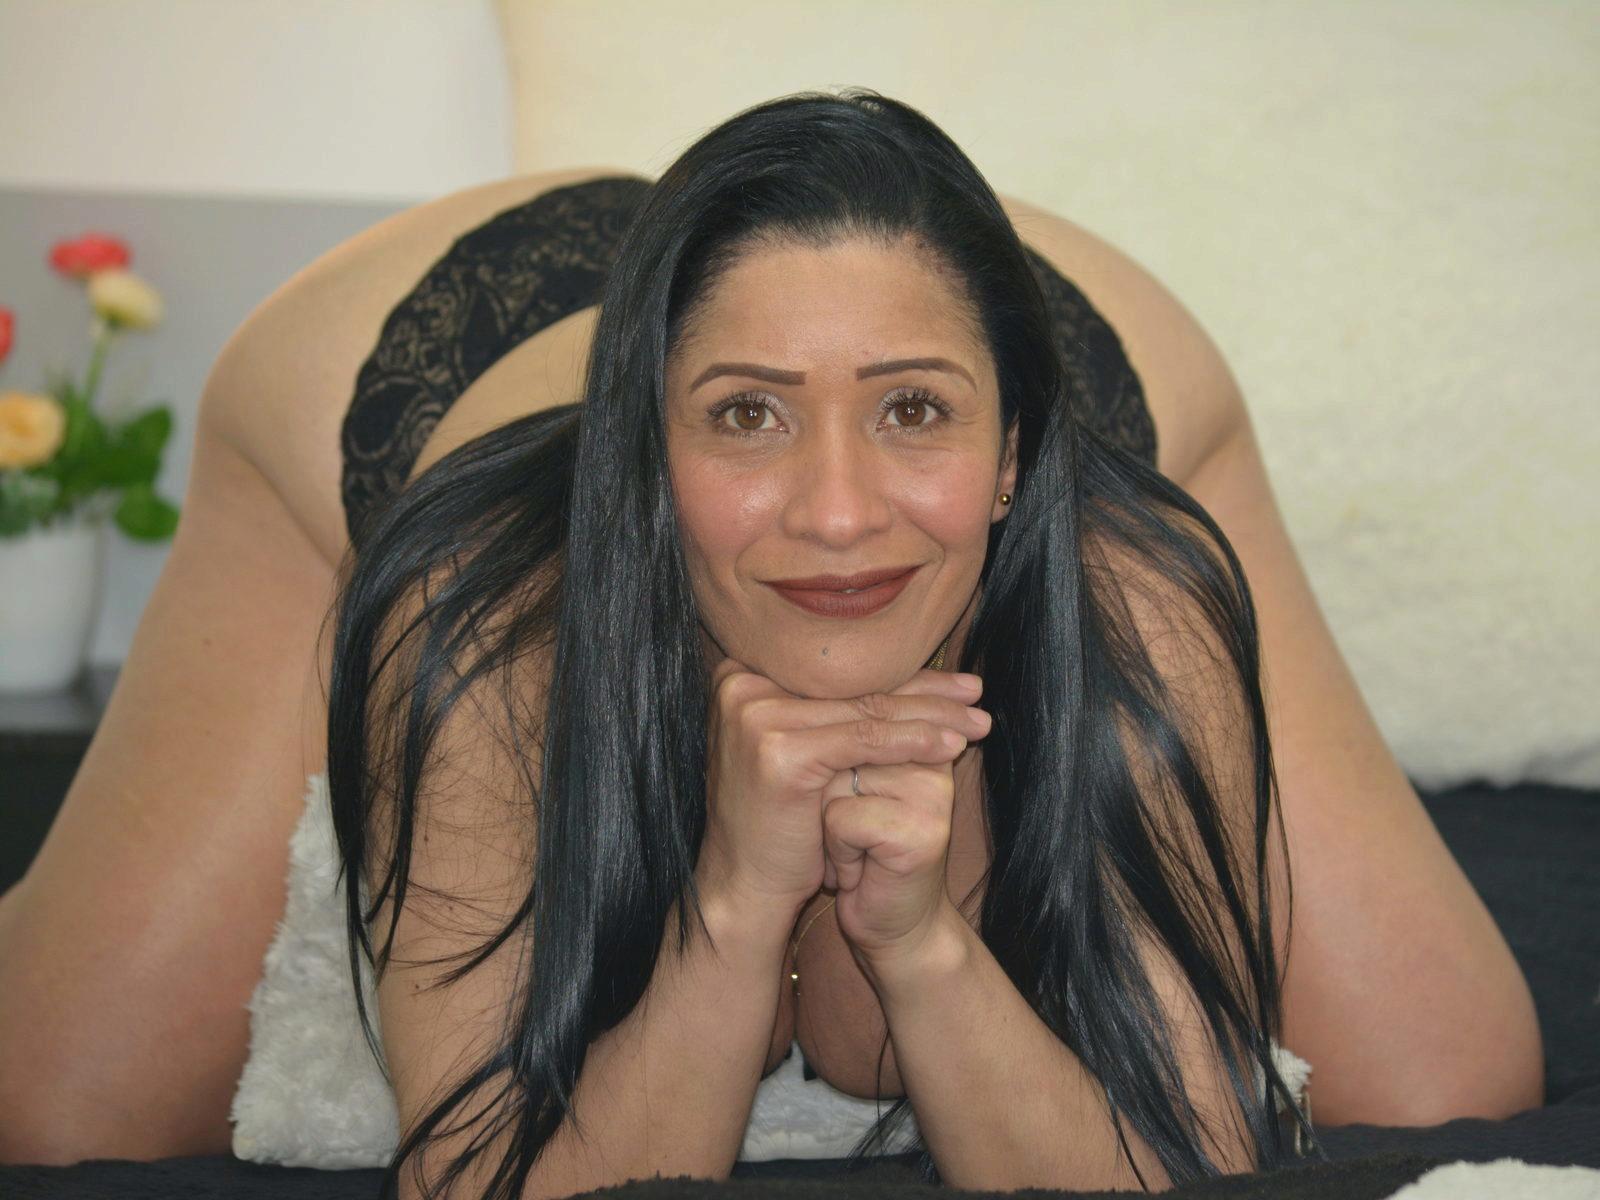 Sabrina Alsayar